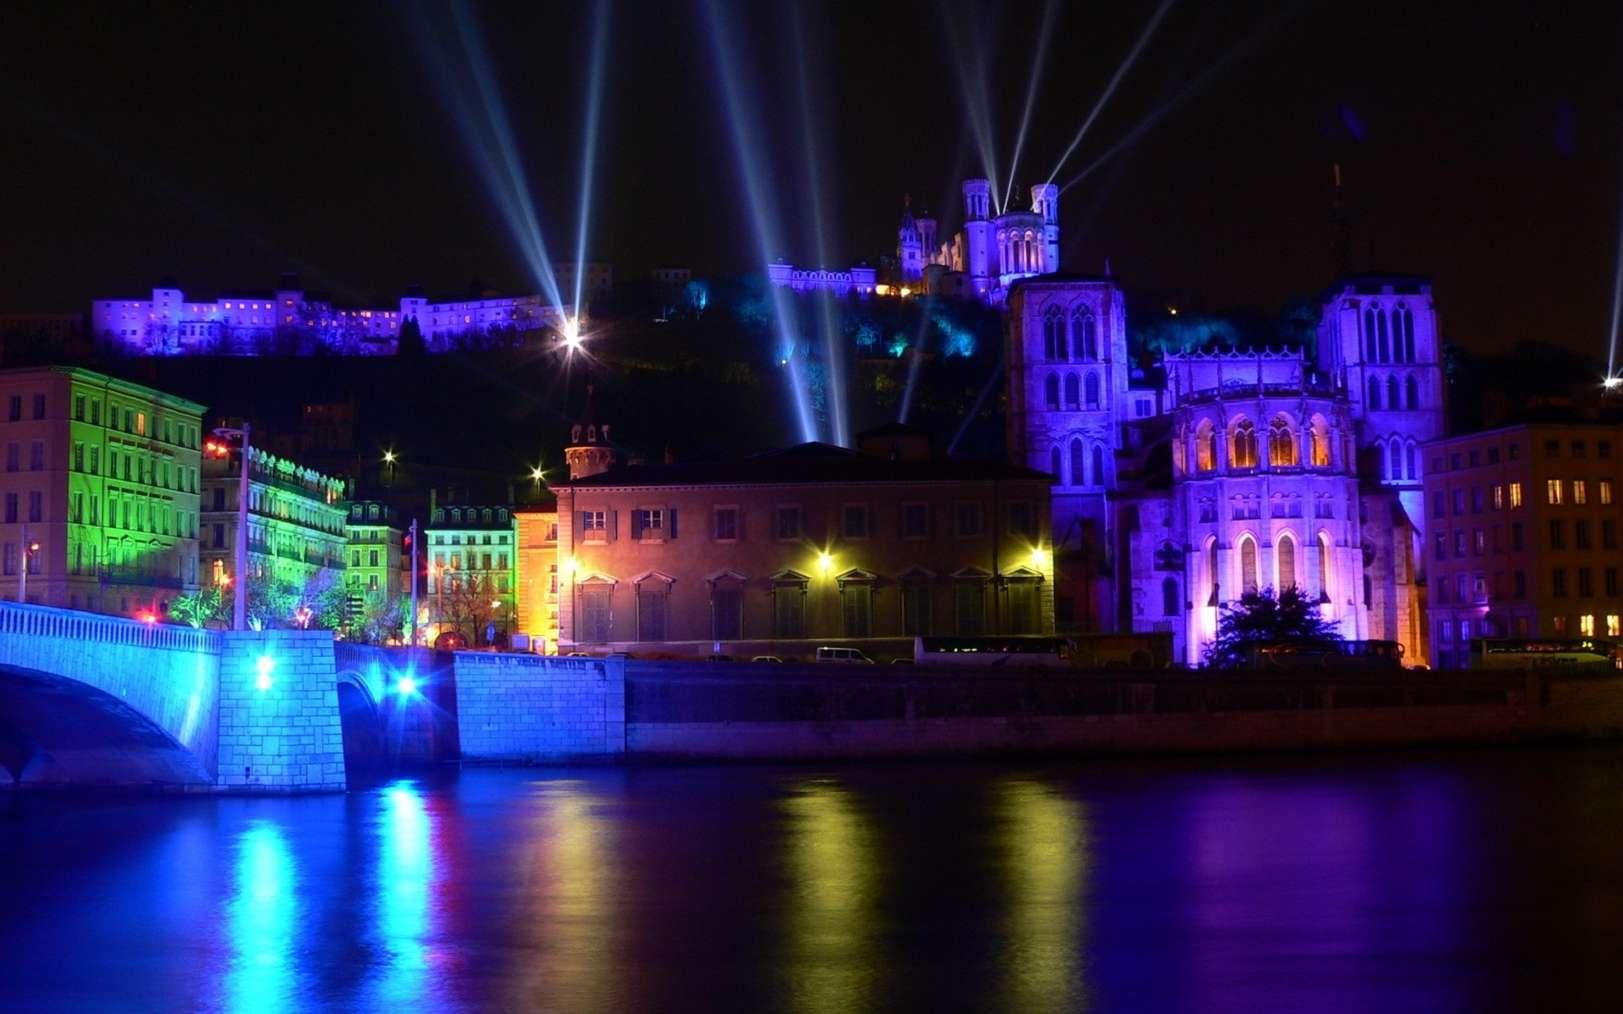 La fête des lumières à Lyon a lieu autour du 8 décembre. © Jean-Claude Drillon, Fotolia